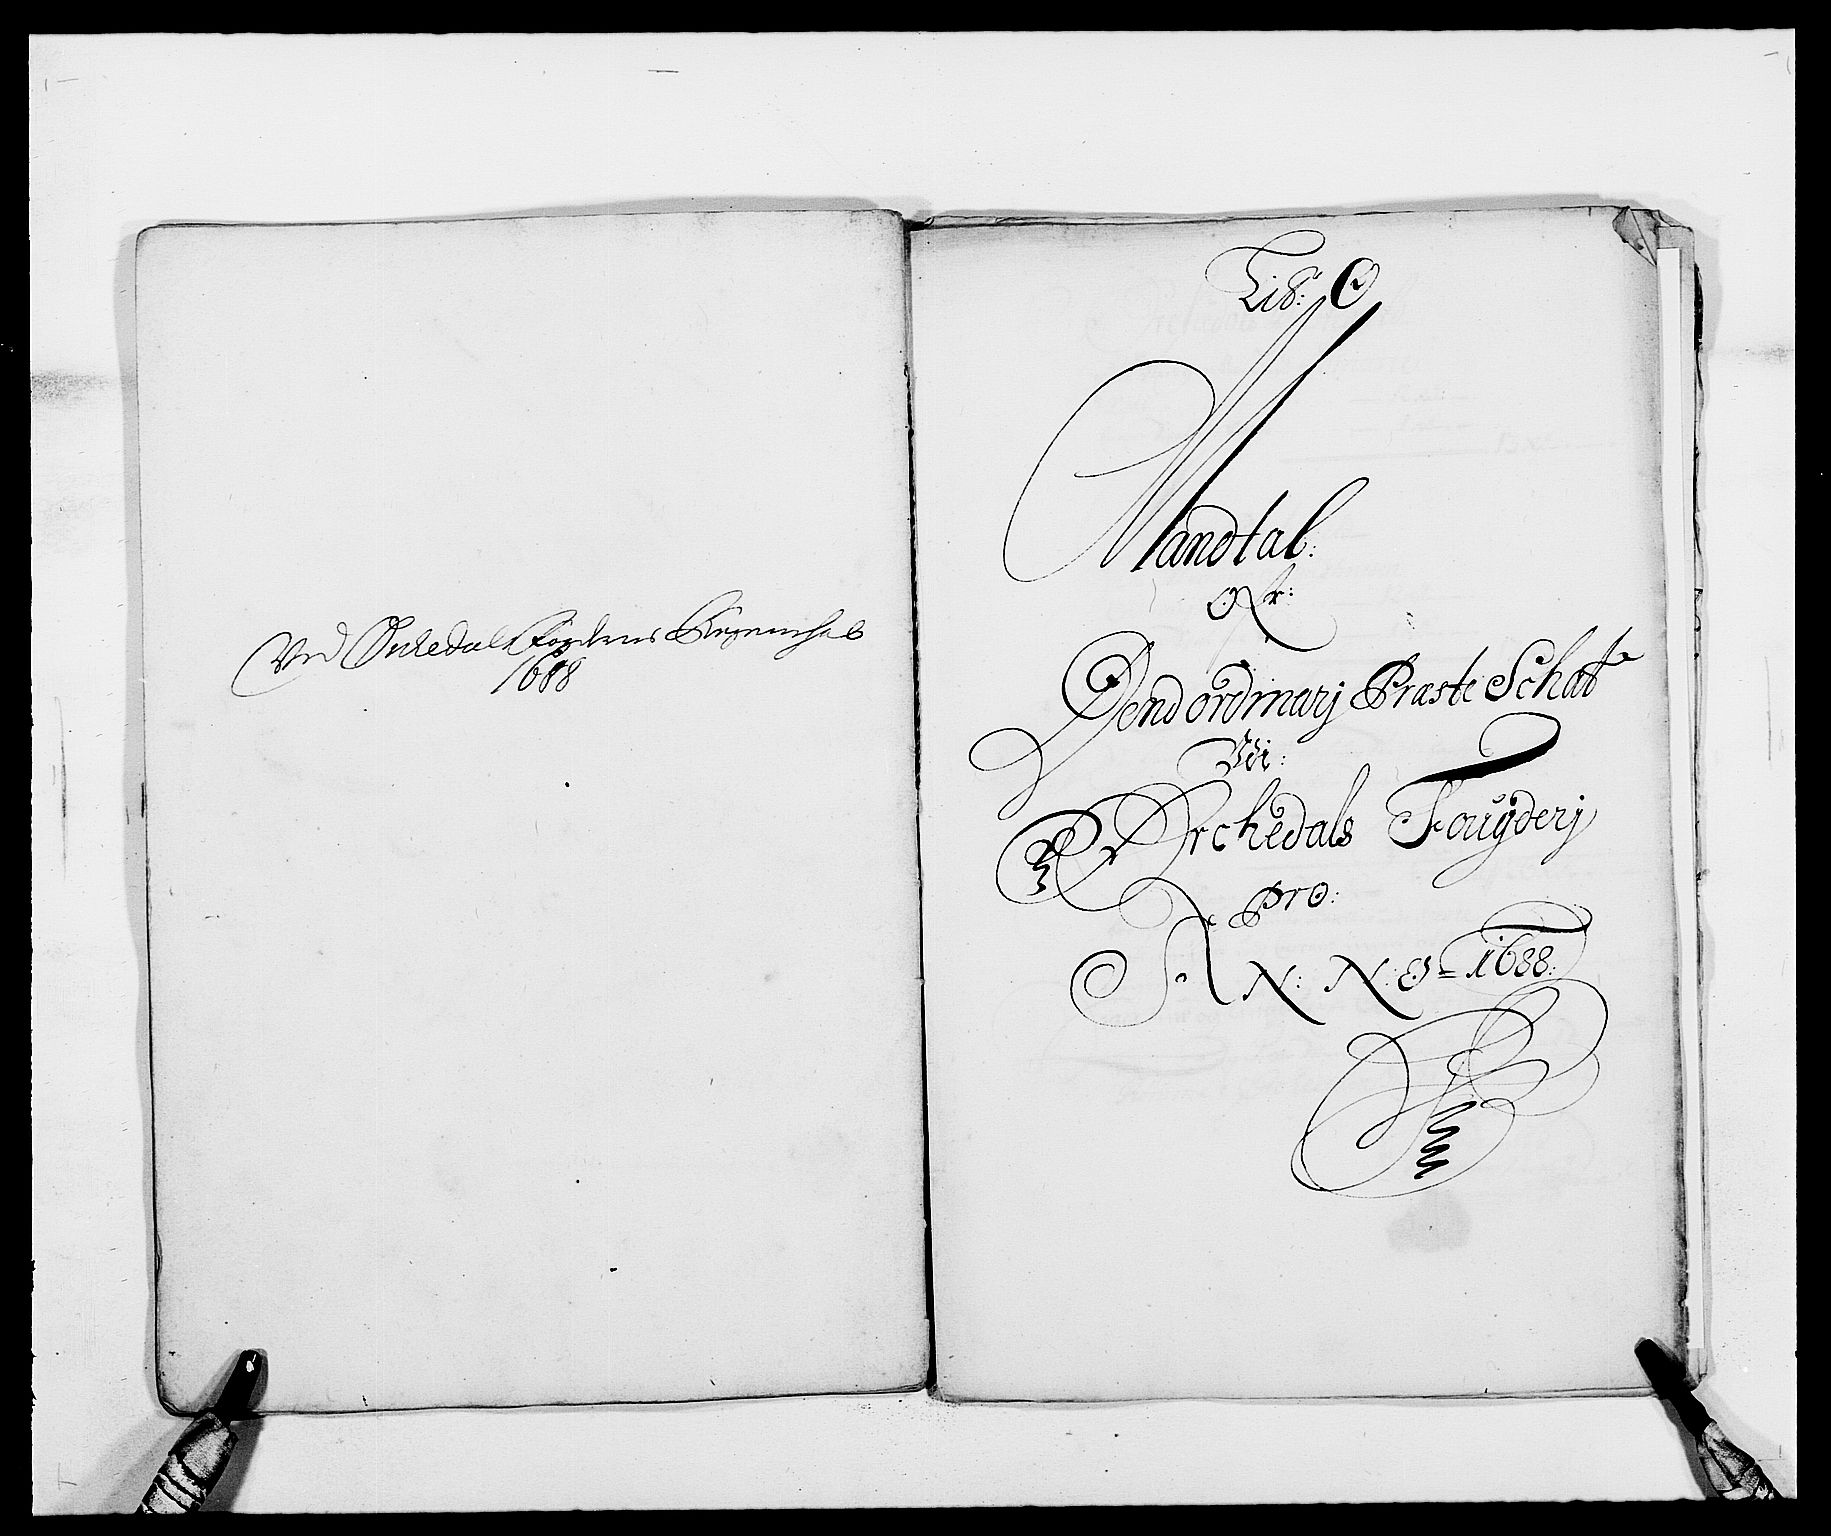 RA, Rentekammeret inntil 1814, Reviderte regnskaper, Fogderegnskap, R58/L3935: Fogderegnskap Orkdal, 1687-1688, s. 348